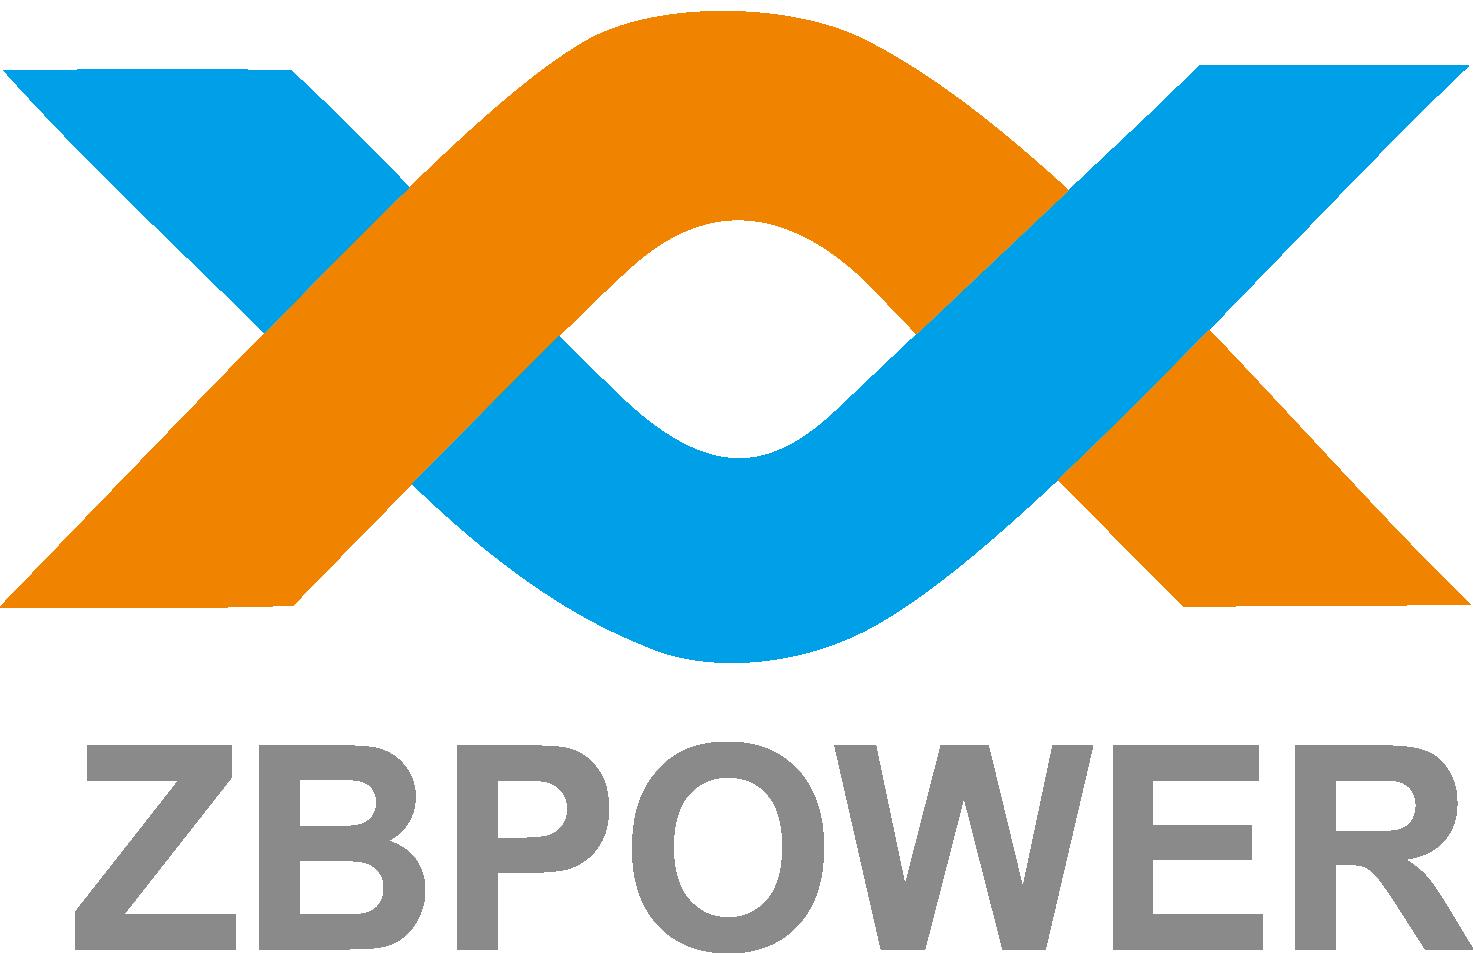 忠邦舊版logo轉曲源文件-1